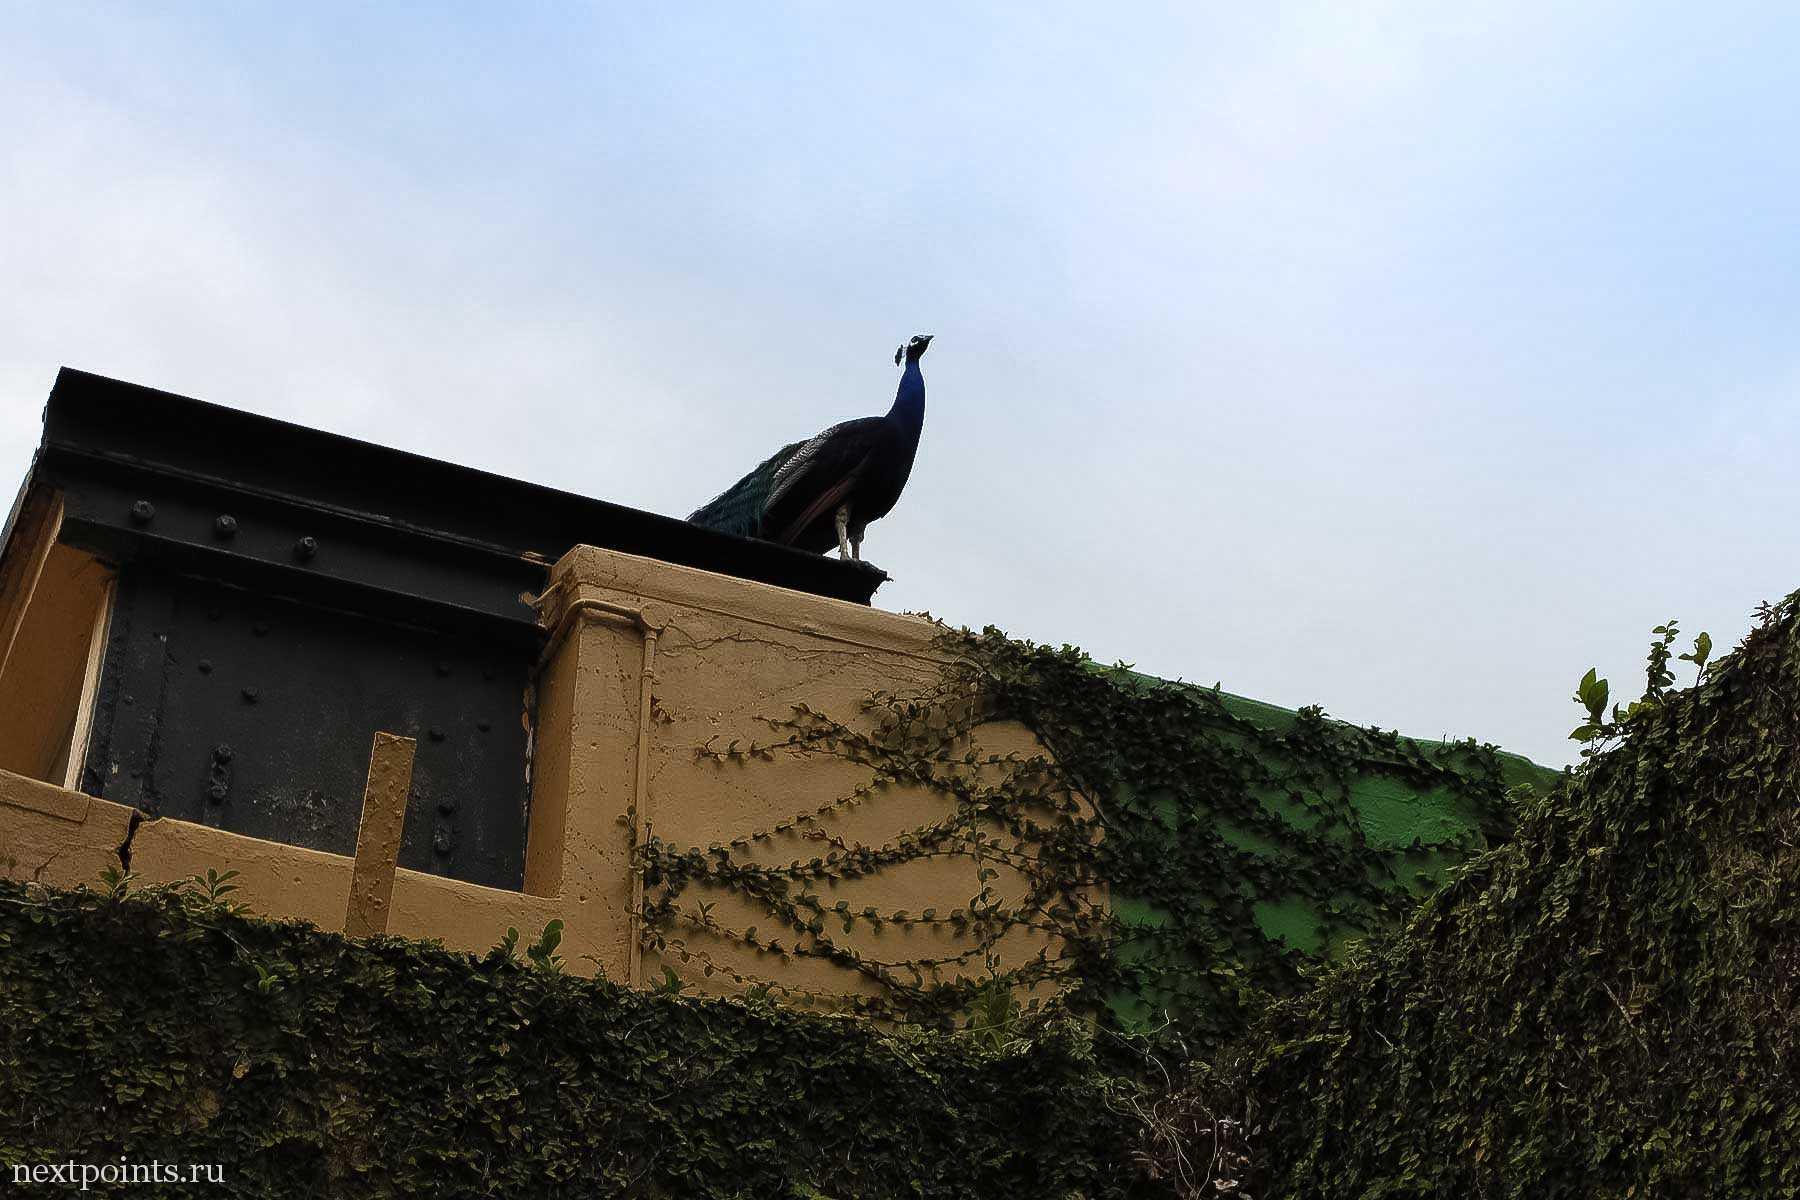 Гуляющий по Форту Силосо, горланящий павлин